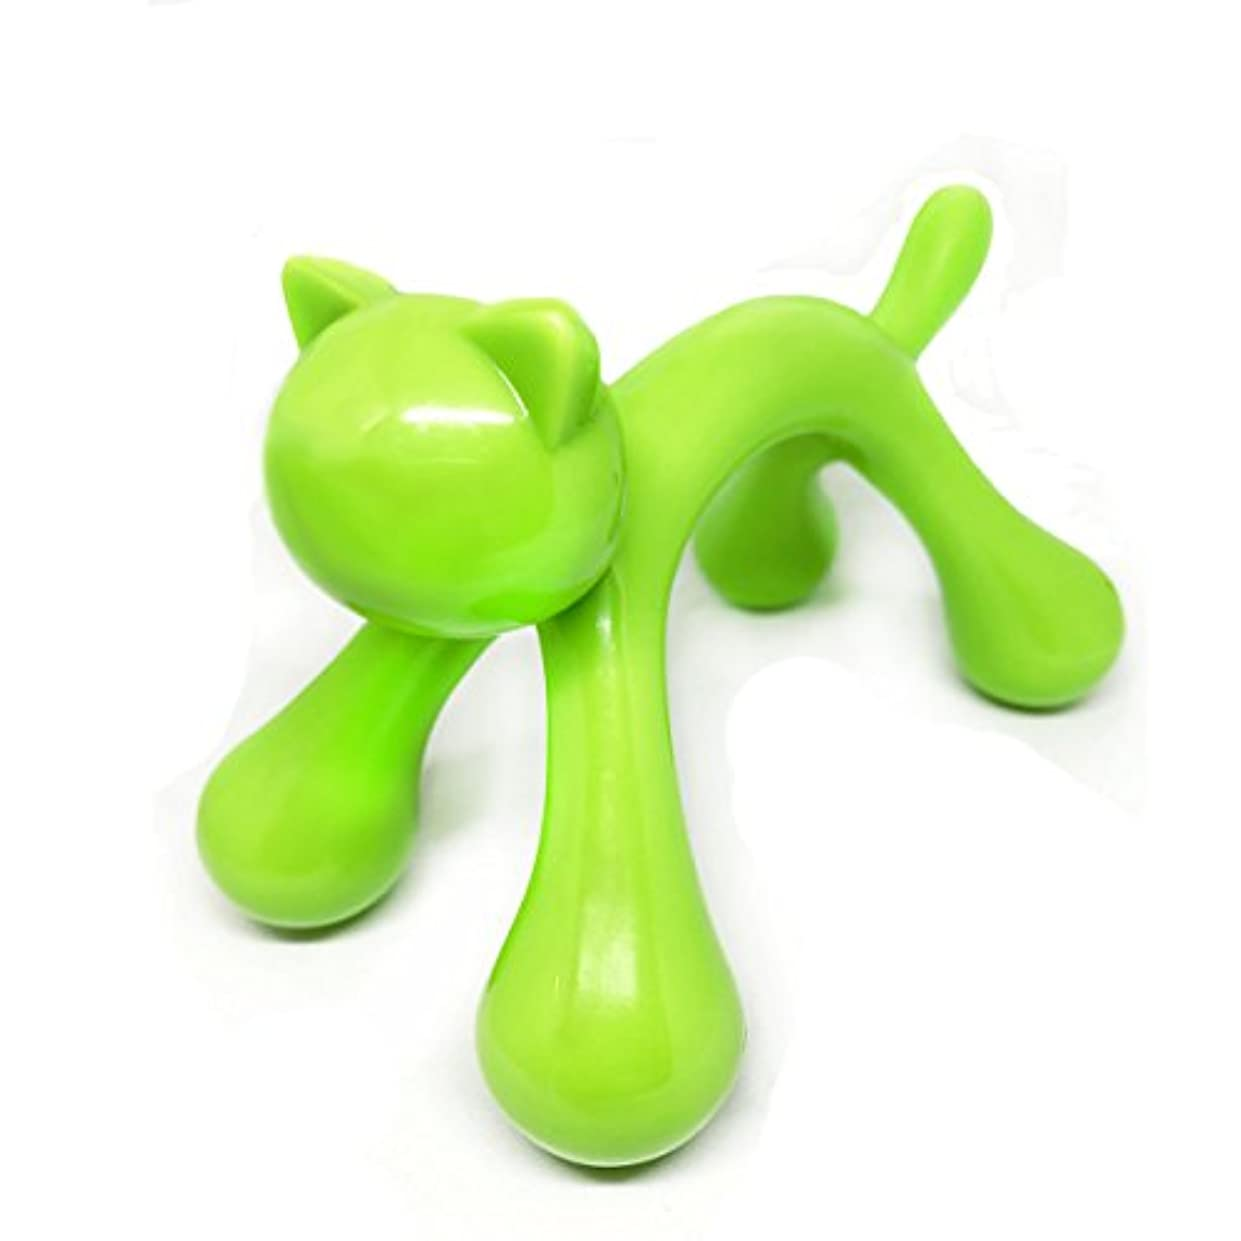 根絶する着飾る冗長マッサージ棒 ツボ押しマッサージ台 握りタイプ 背中 ウッド 疲労回復 ハンド 背中 首 肩こり解消 可愛いネコ型 (グリーン)